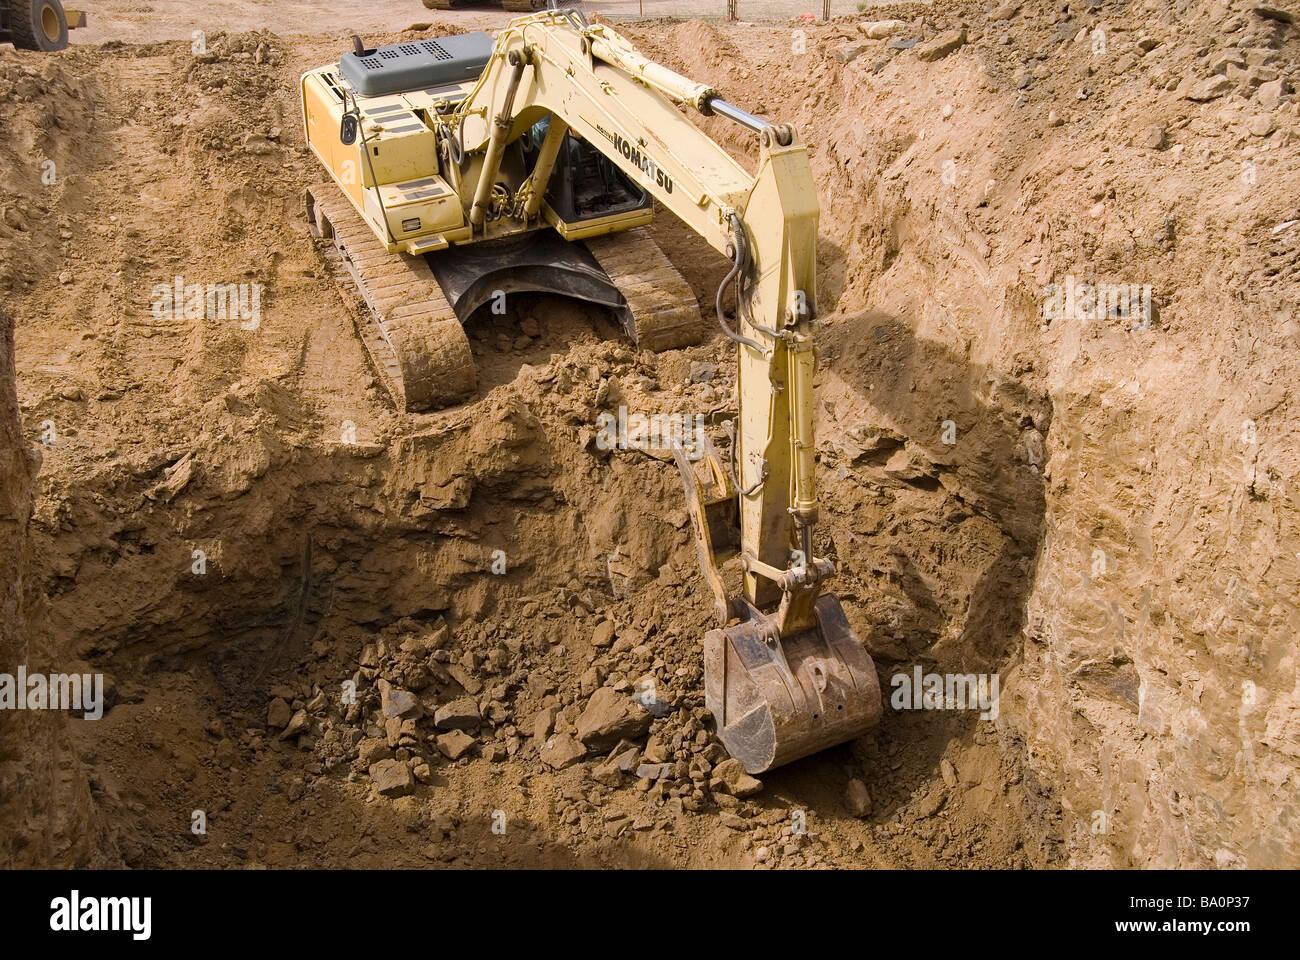 Track Bagger entfernen Rock von Ausgrabungen im Rahmen einer ...